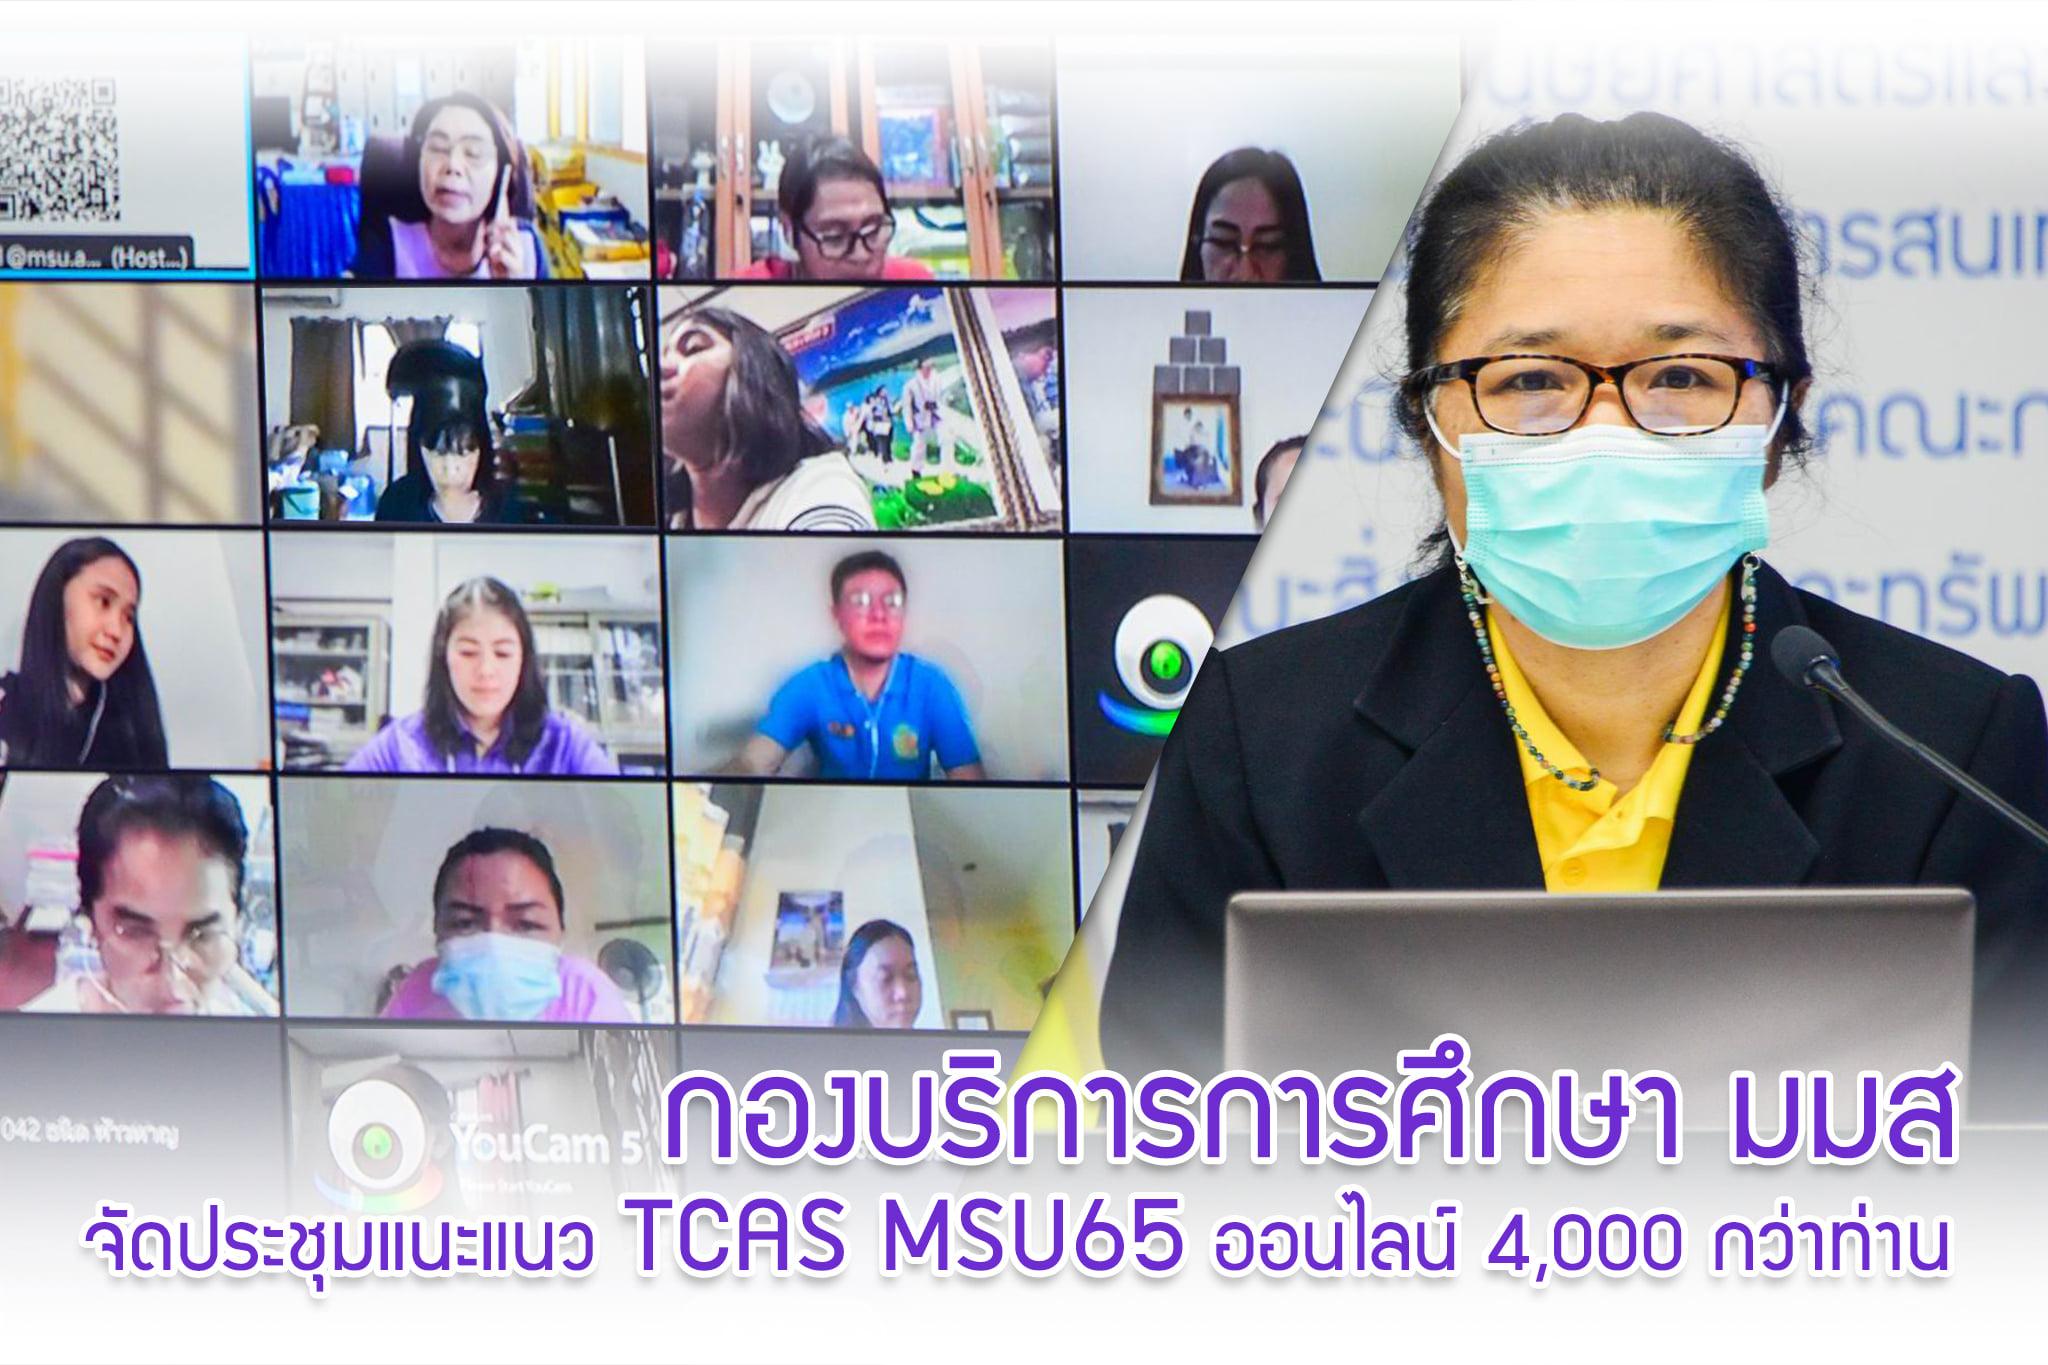 กองบริการการศึกษา มมส จัดประชุมแนะแนว TCAS MSU65 ออนไลน์ 4,000 กว่าท่าน